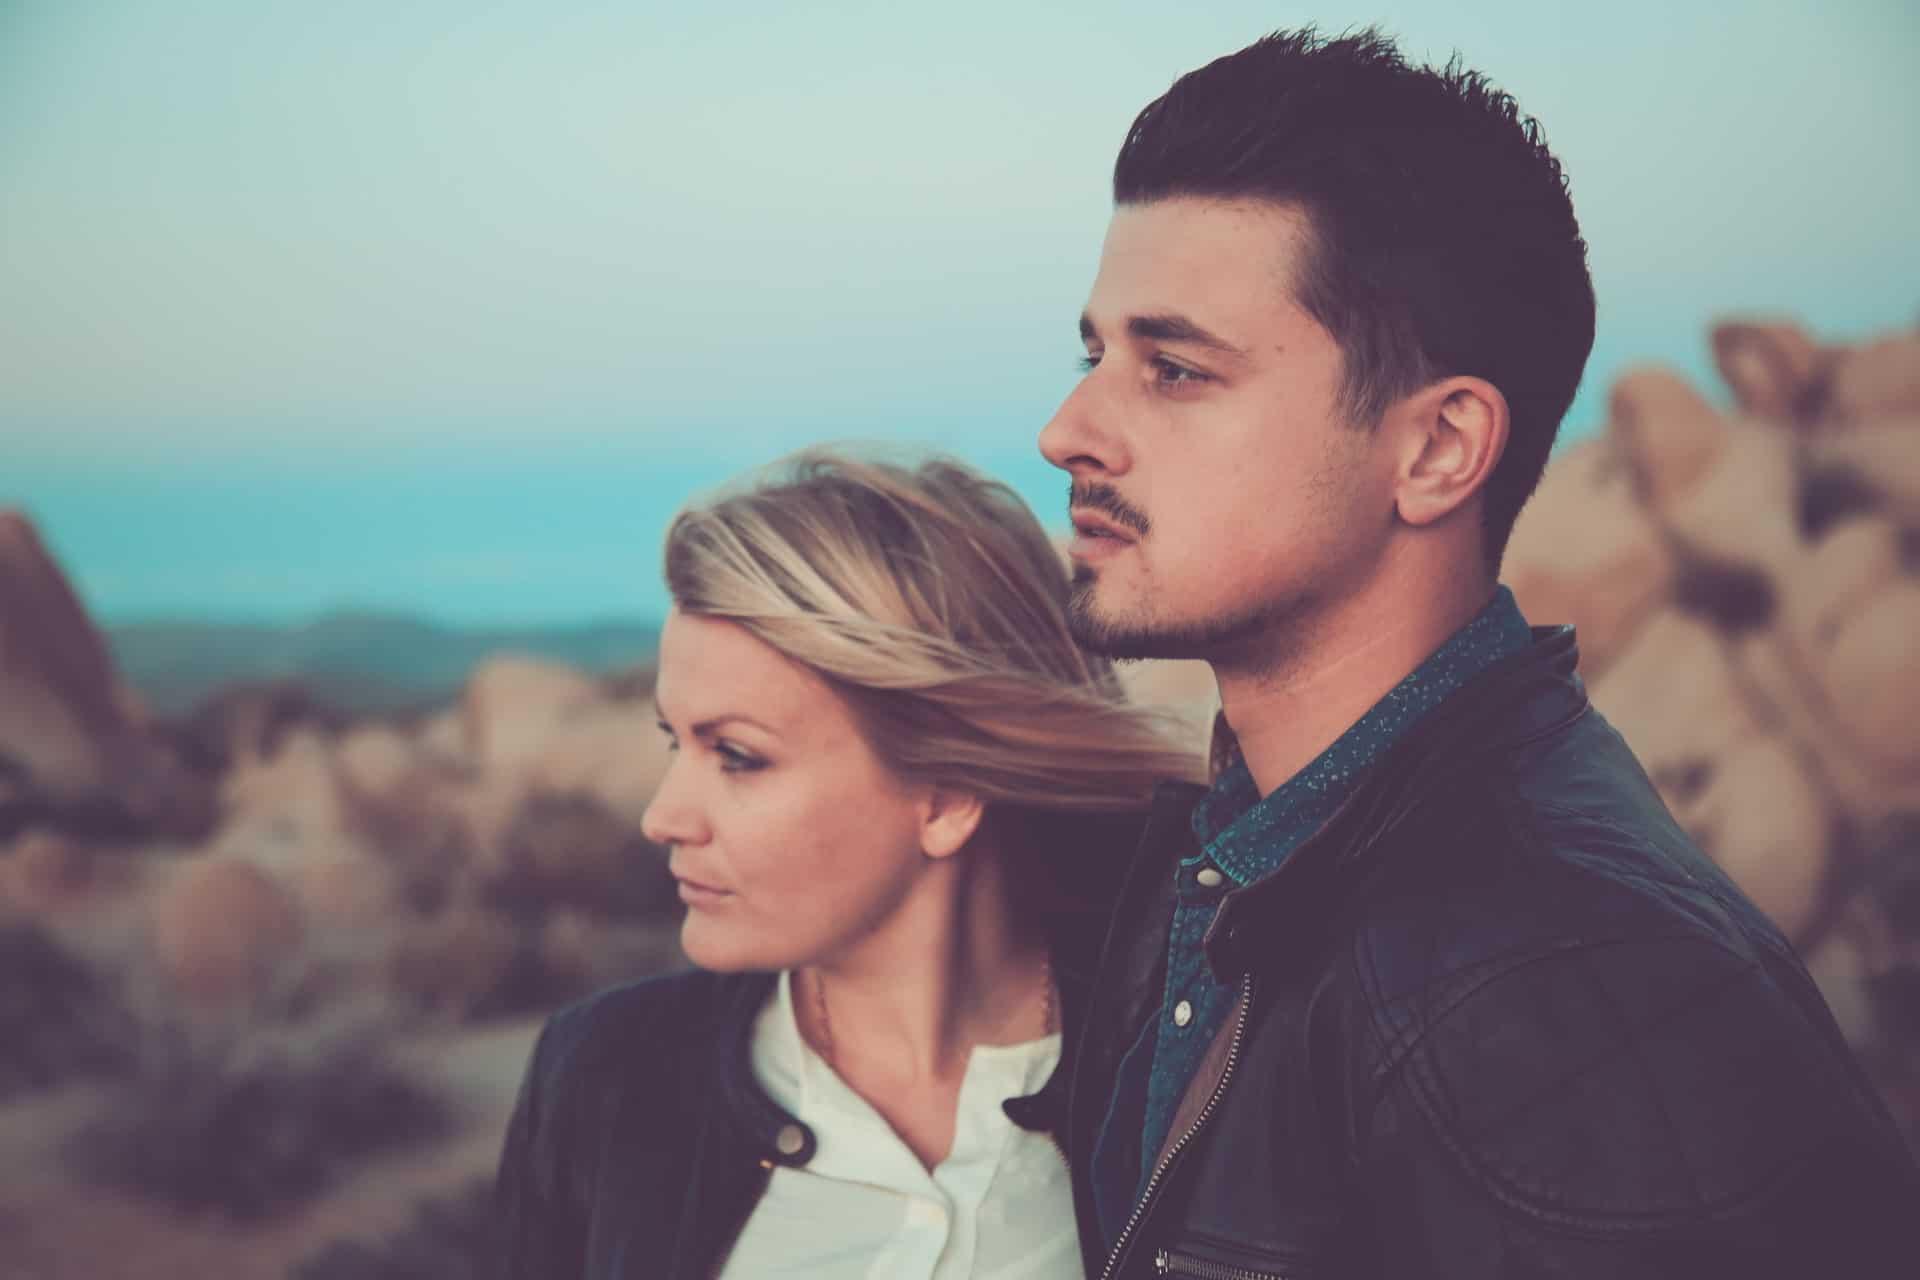 Ein Mann und eine Frau stehen da und schauen in die Ferne